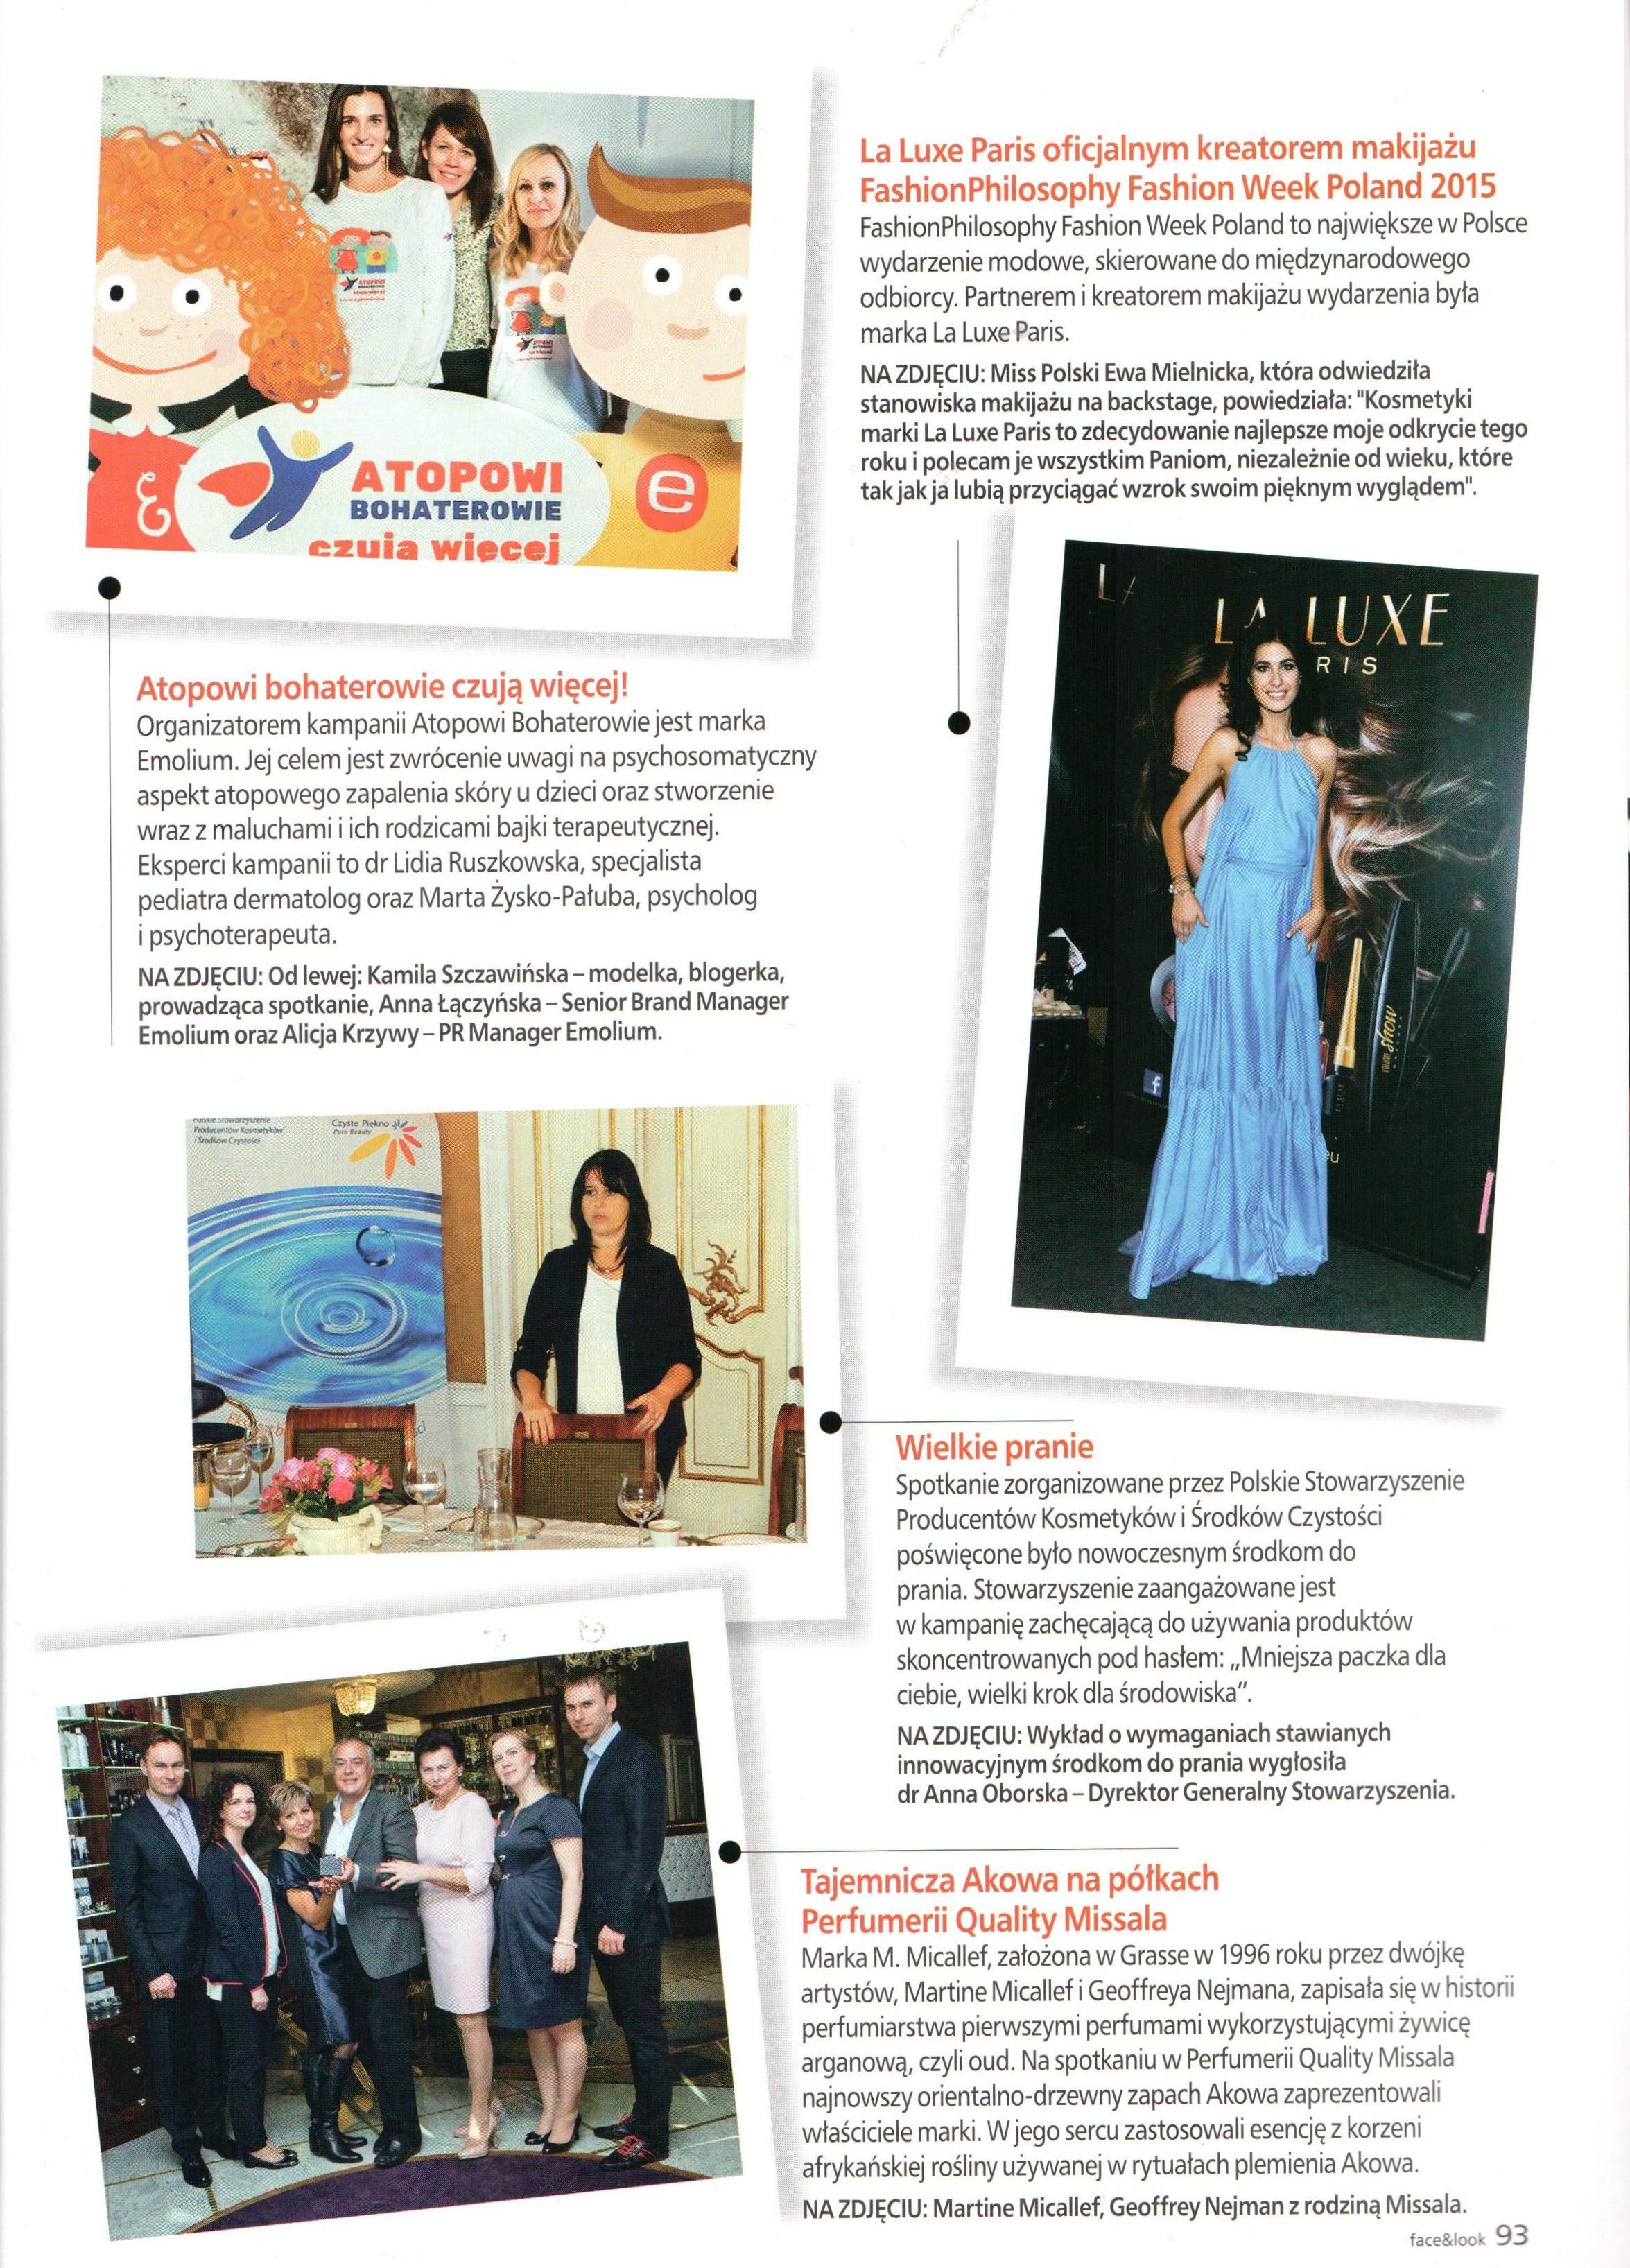 2016.01-02 Face&Look_Wizyta Martine Micallef i Geoffreya Nejmana w Perfumerii Quality